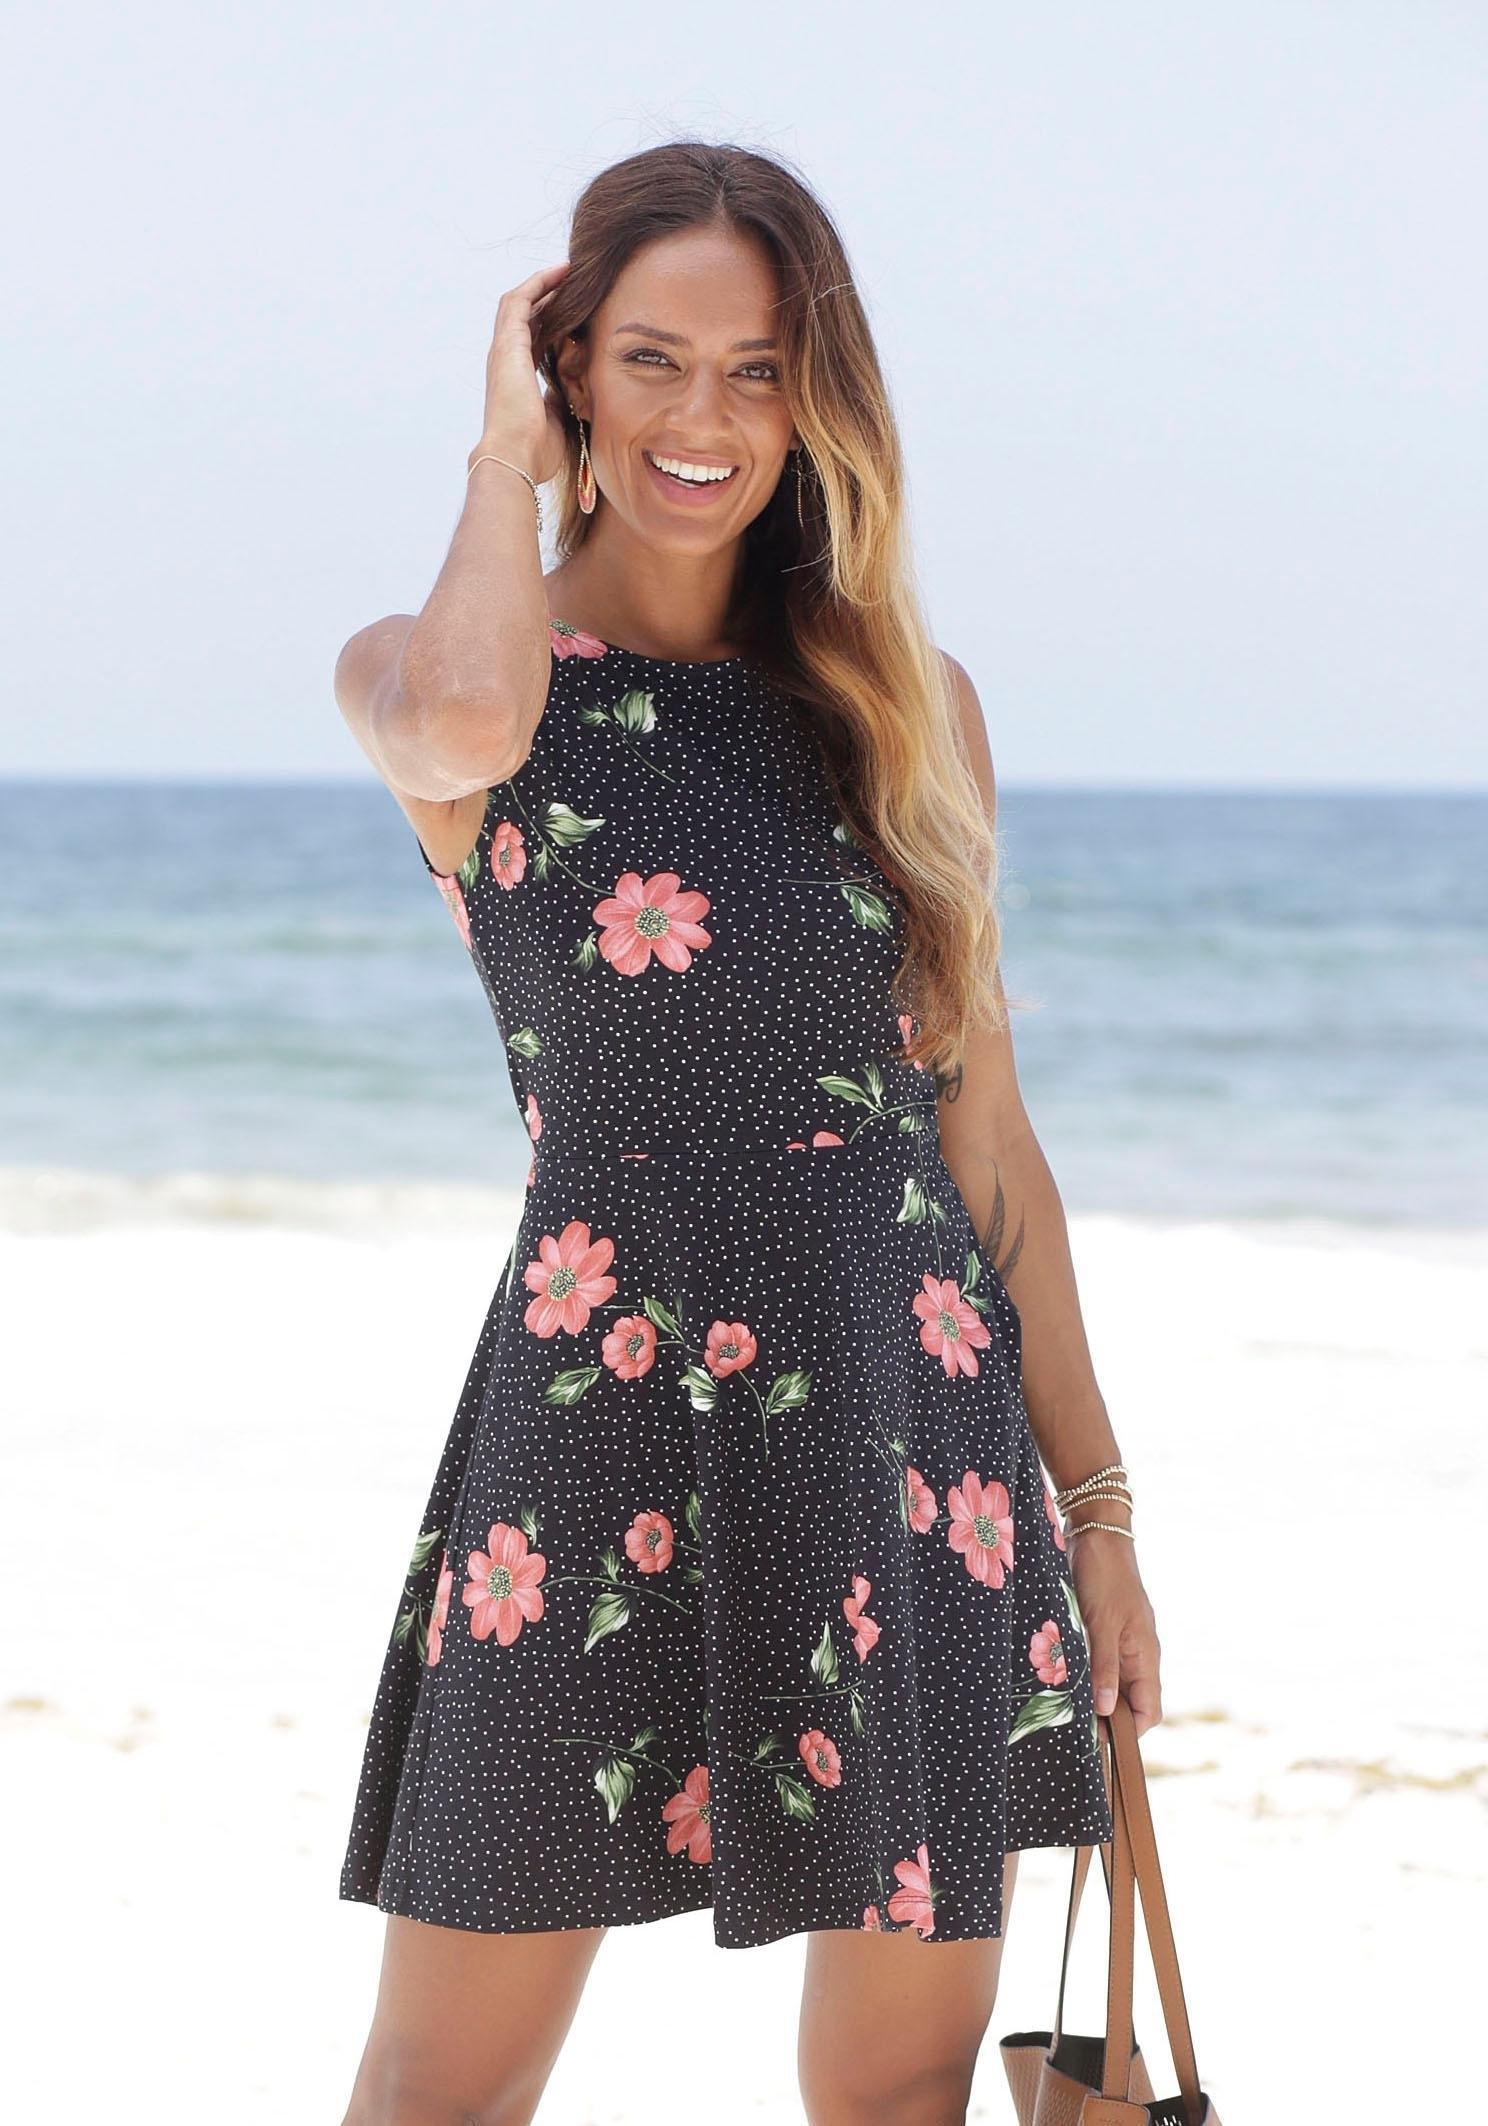 beachtime strandjurk met bloemenprint goedkoop op lascana.nl kopen